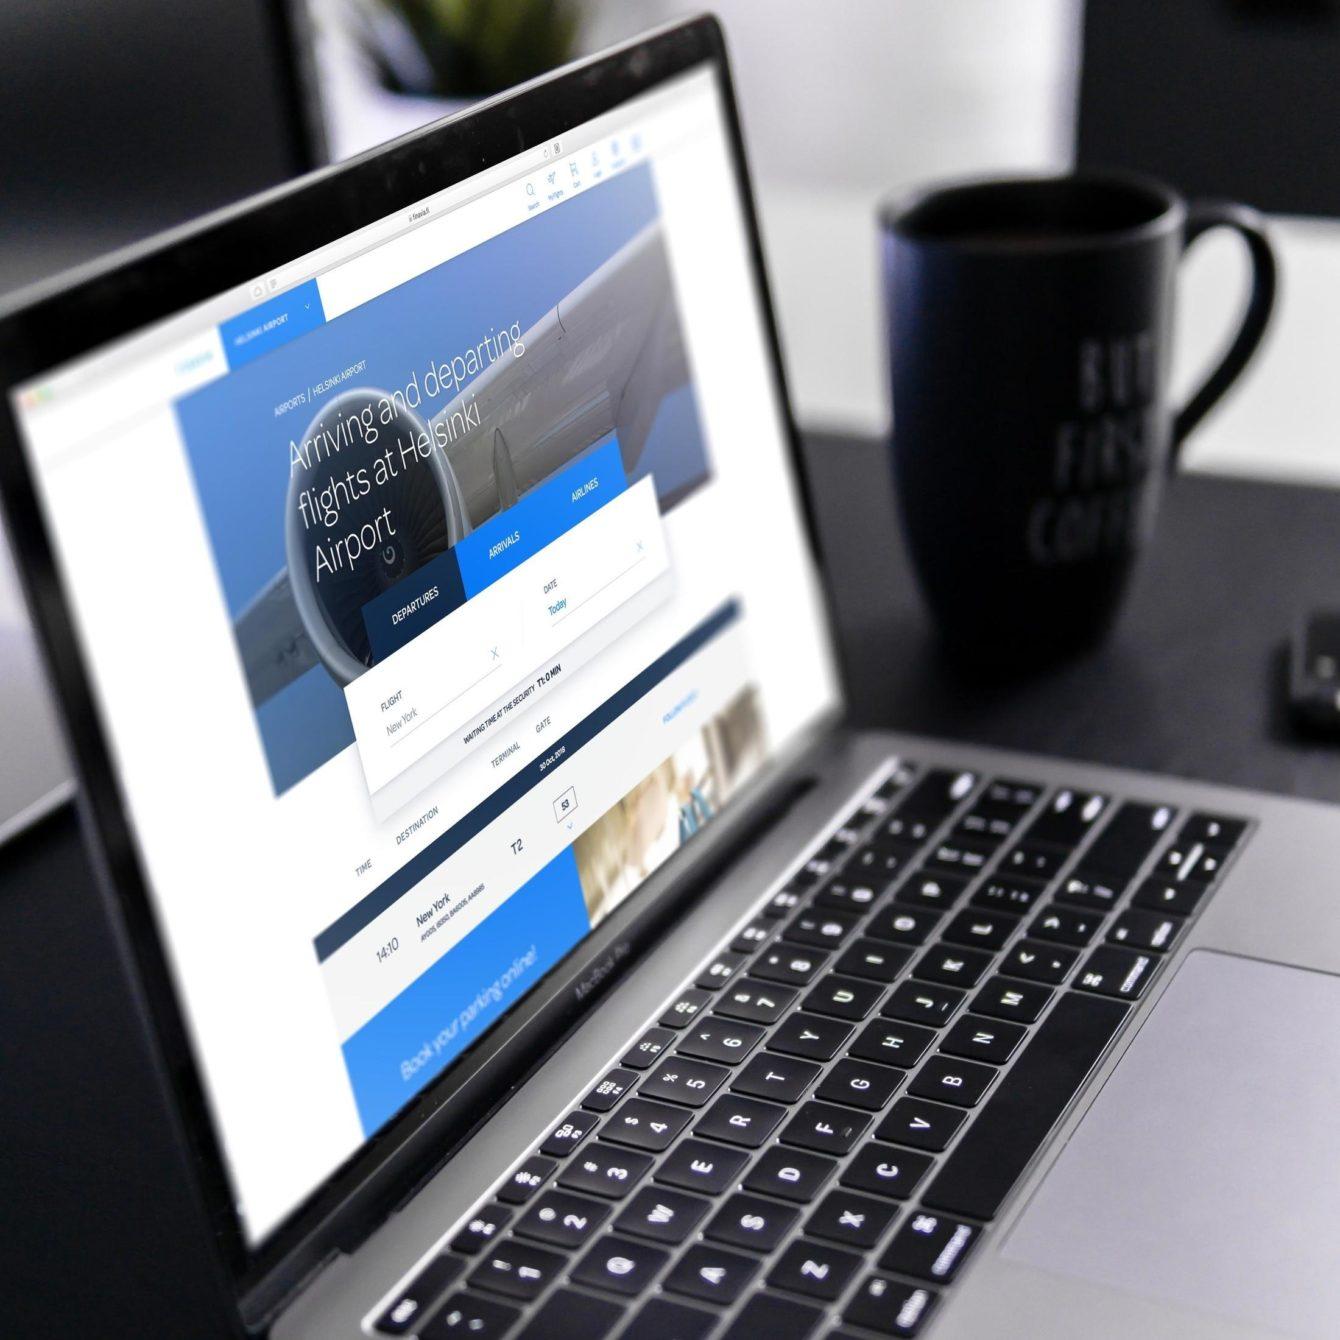 Finavia webservice open on a laptop: my flights